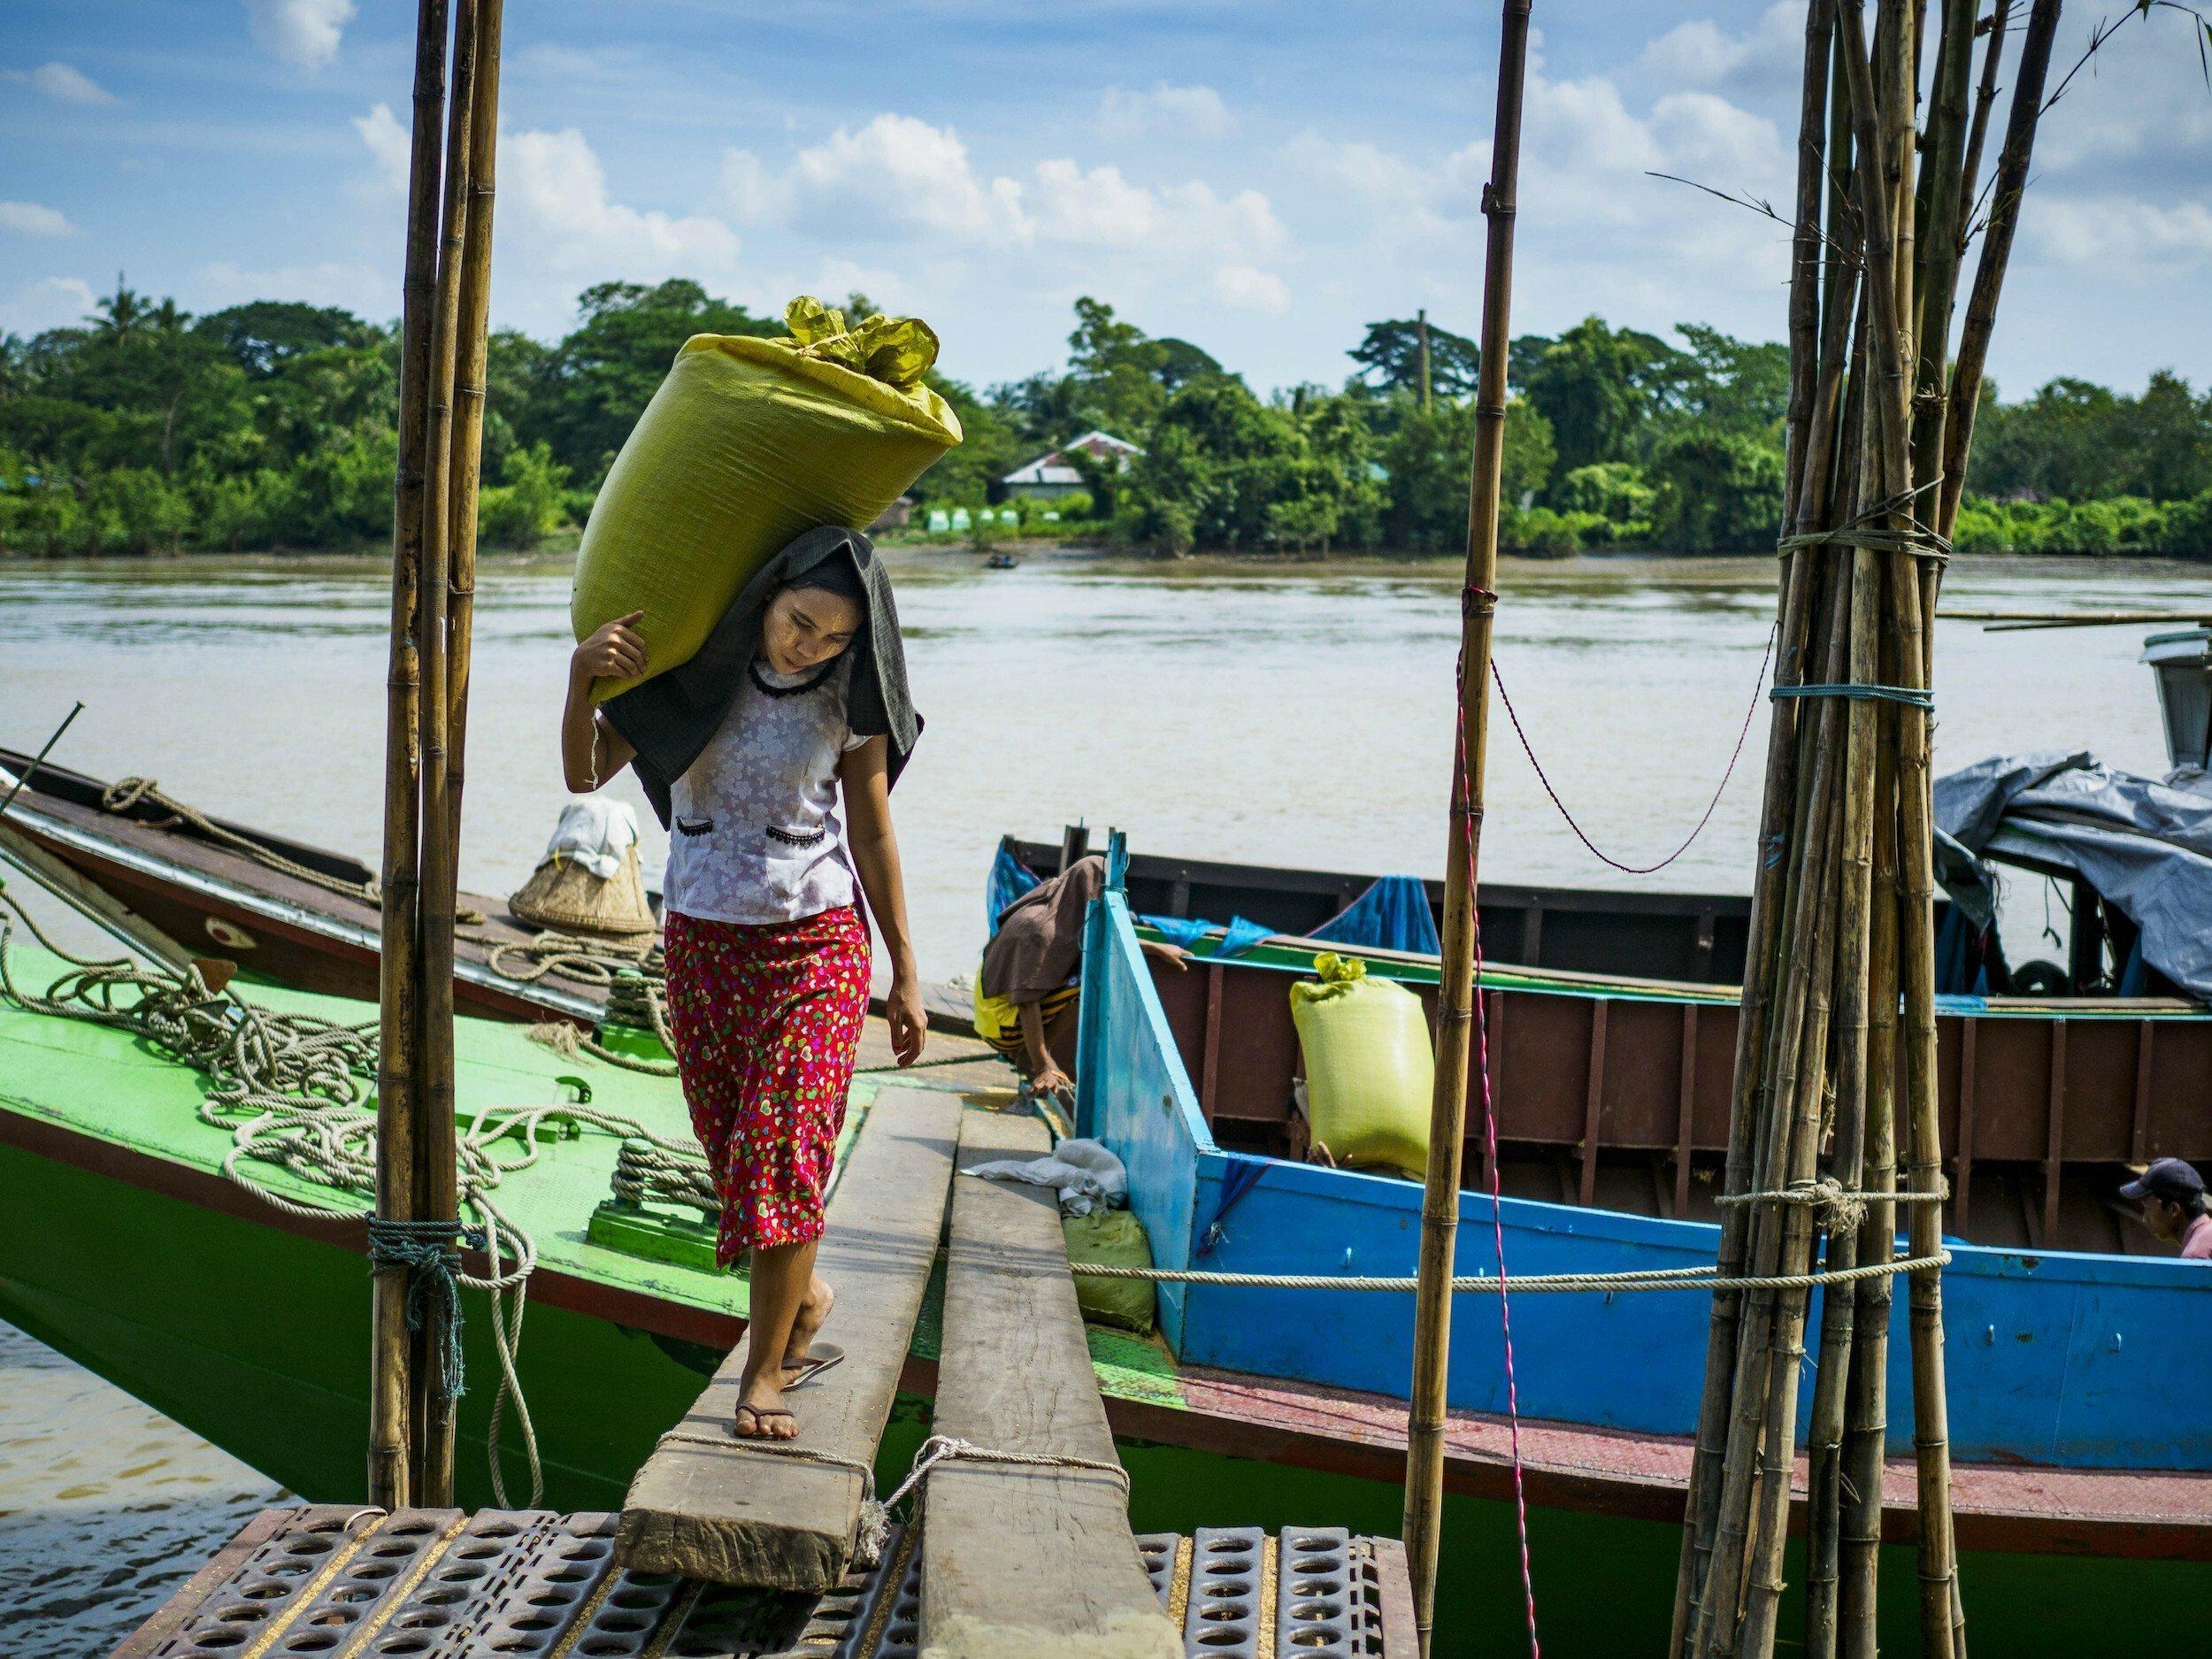 Eine Frau trägt einen Sack Reis von einem Boot am Irawadi-Fluss.